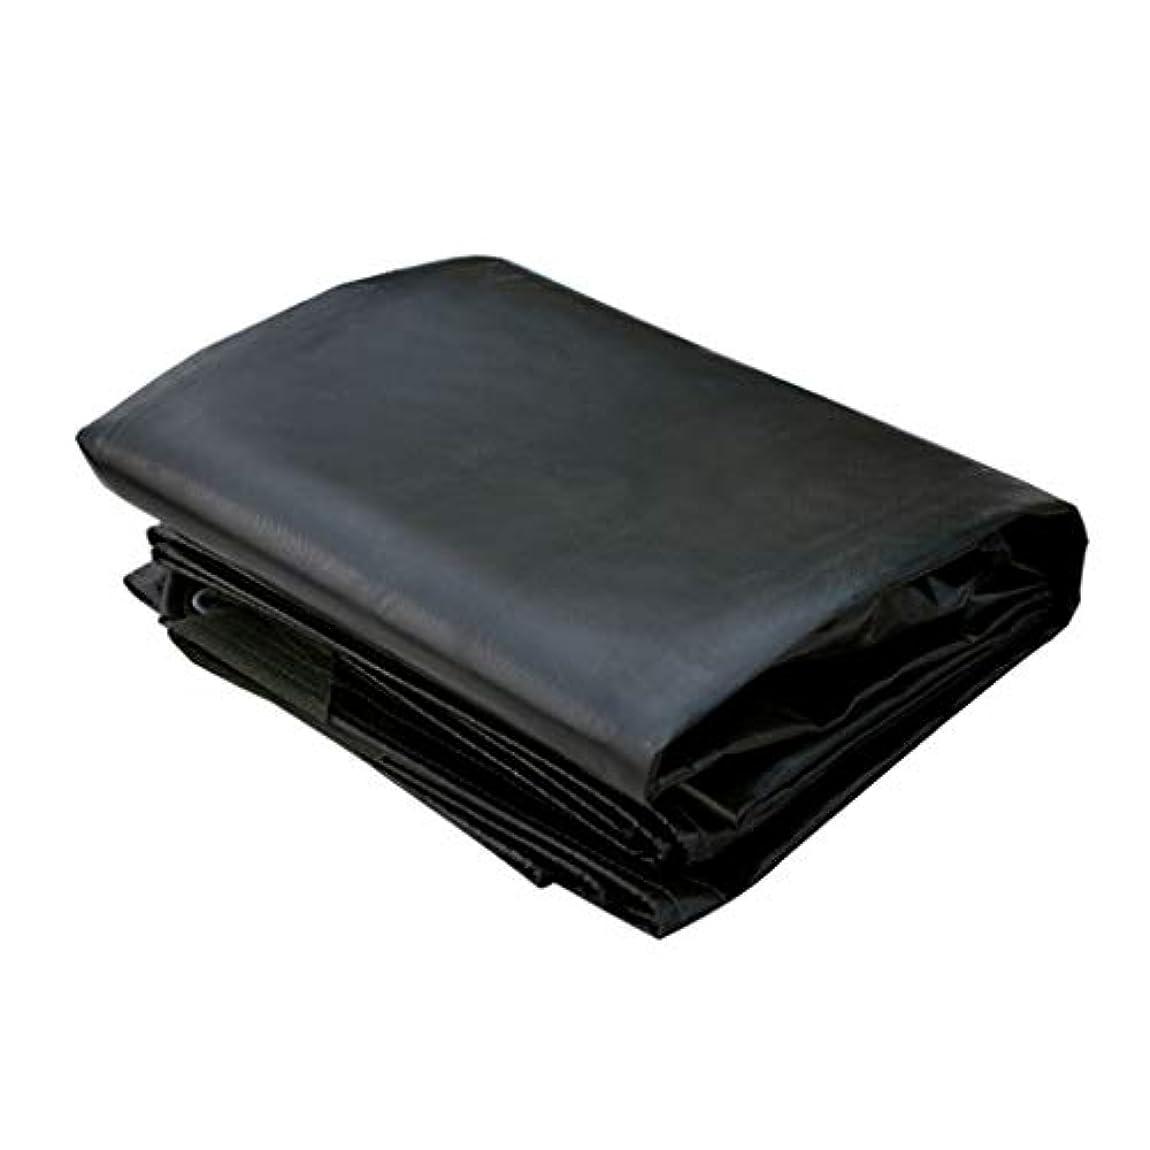 現実答え消費黒いポリエステル日焼け止めおよび雨止めの防水シート、金属のアイレットが付いている屋外のキャンプカバー頑丈な厚さ0.55mm (Size : 3x4m)